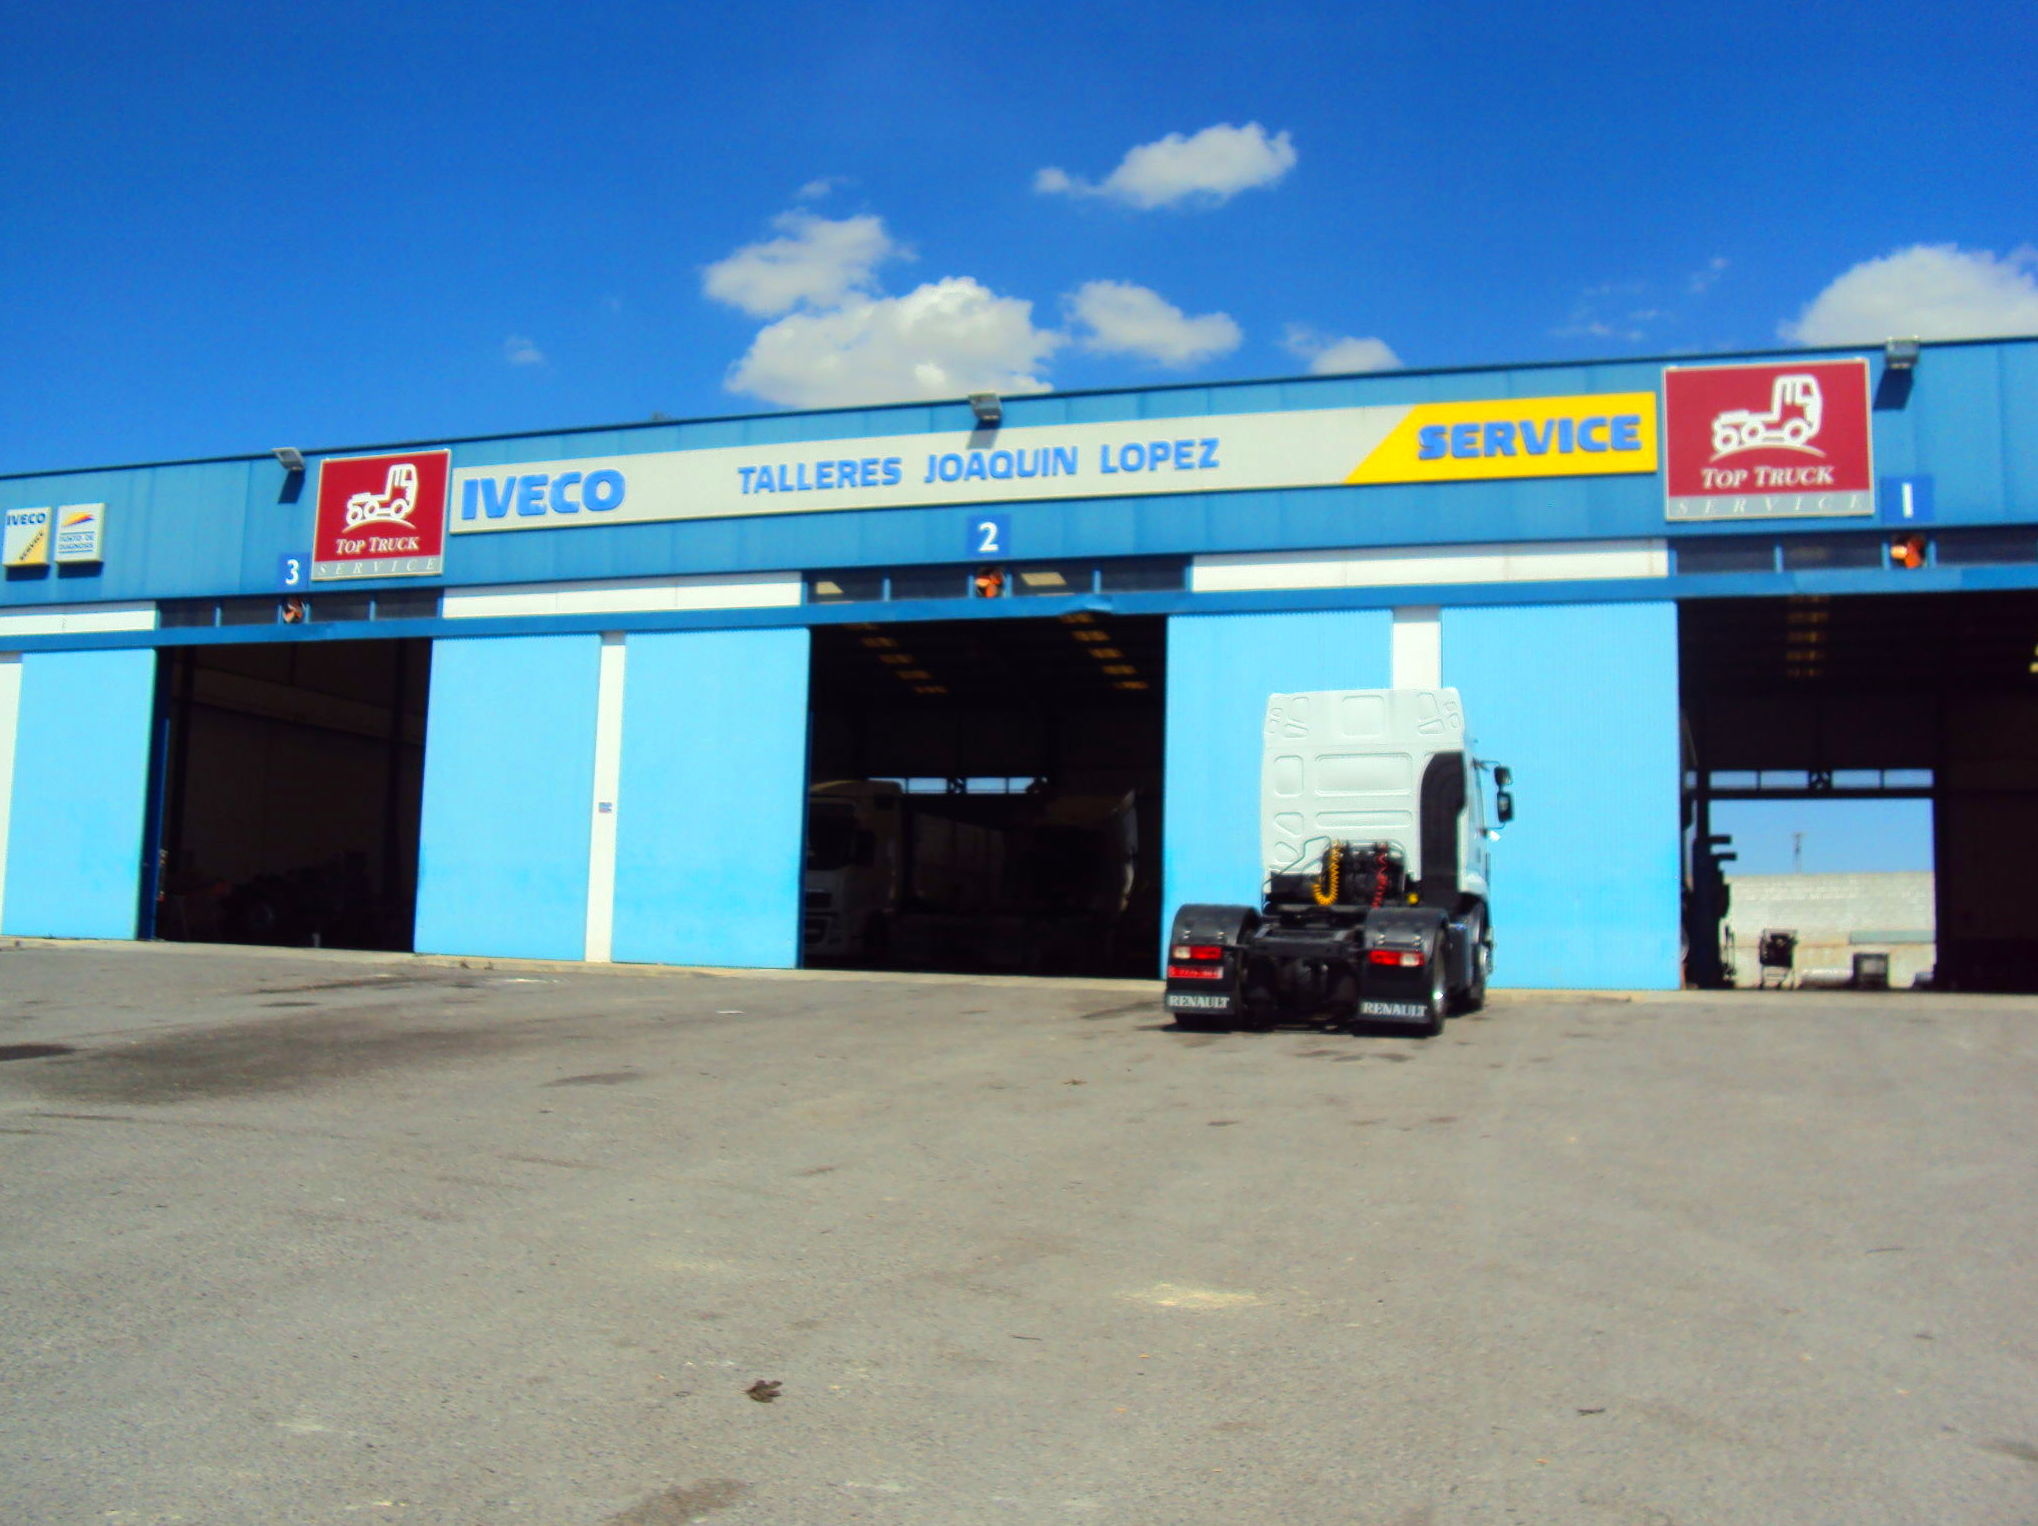 Foto 39 de Vehículos industriales en Fuente de Piedra | Talleres Joaquín López, S.L.